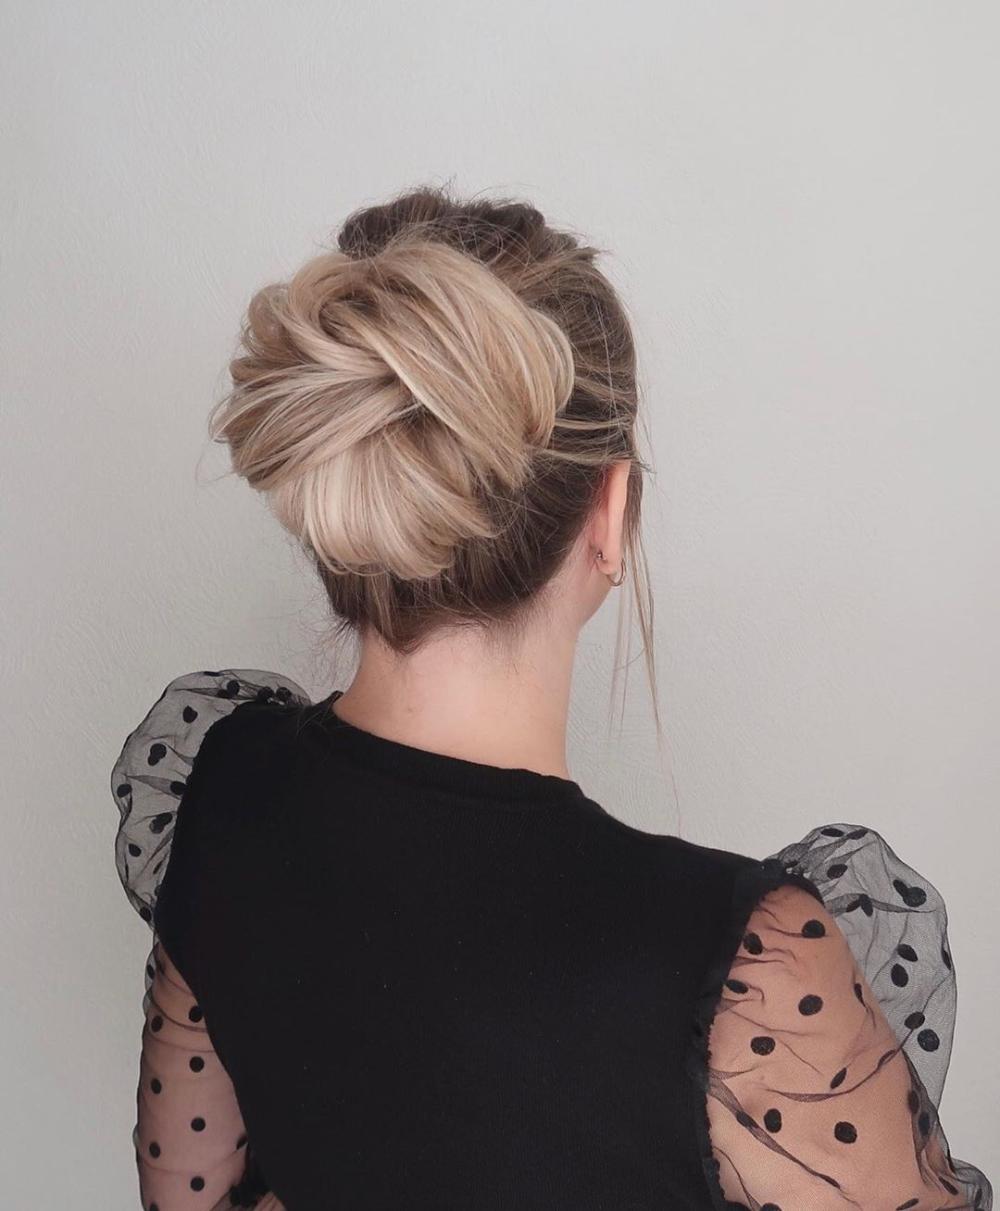 Easy Diy Bun Hairstyles: 20+ DIY Easy Elegant Updo Hairstyles You Can Actually Do